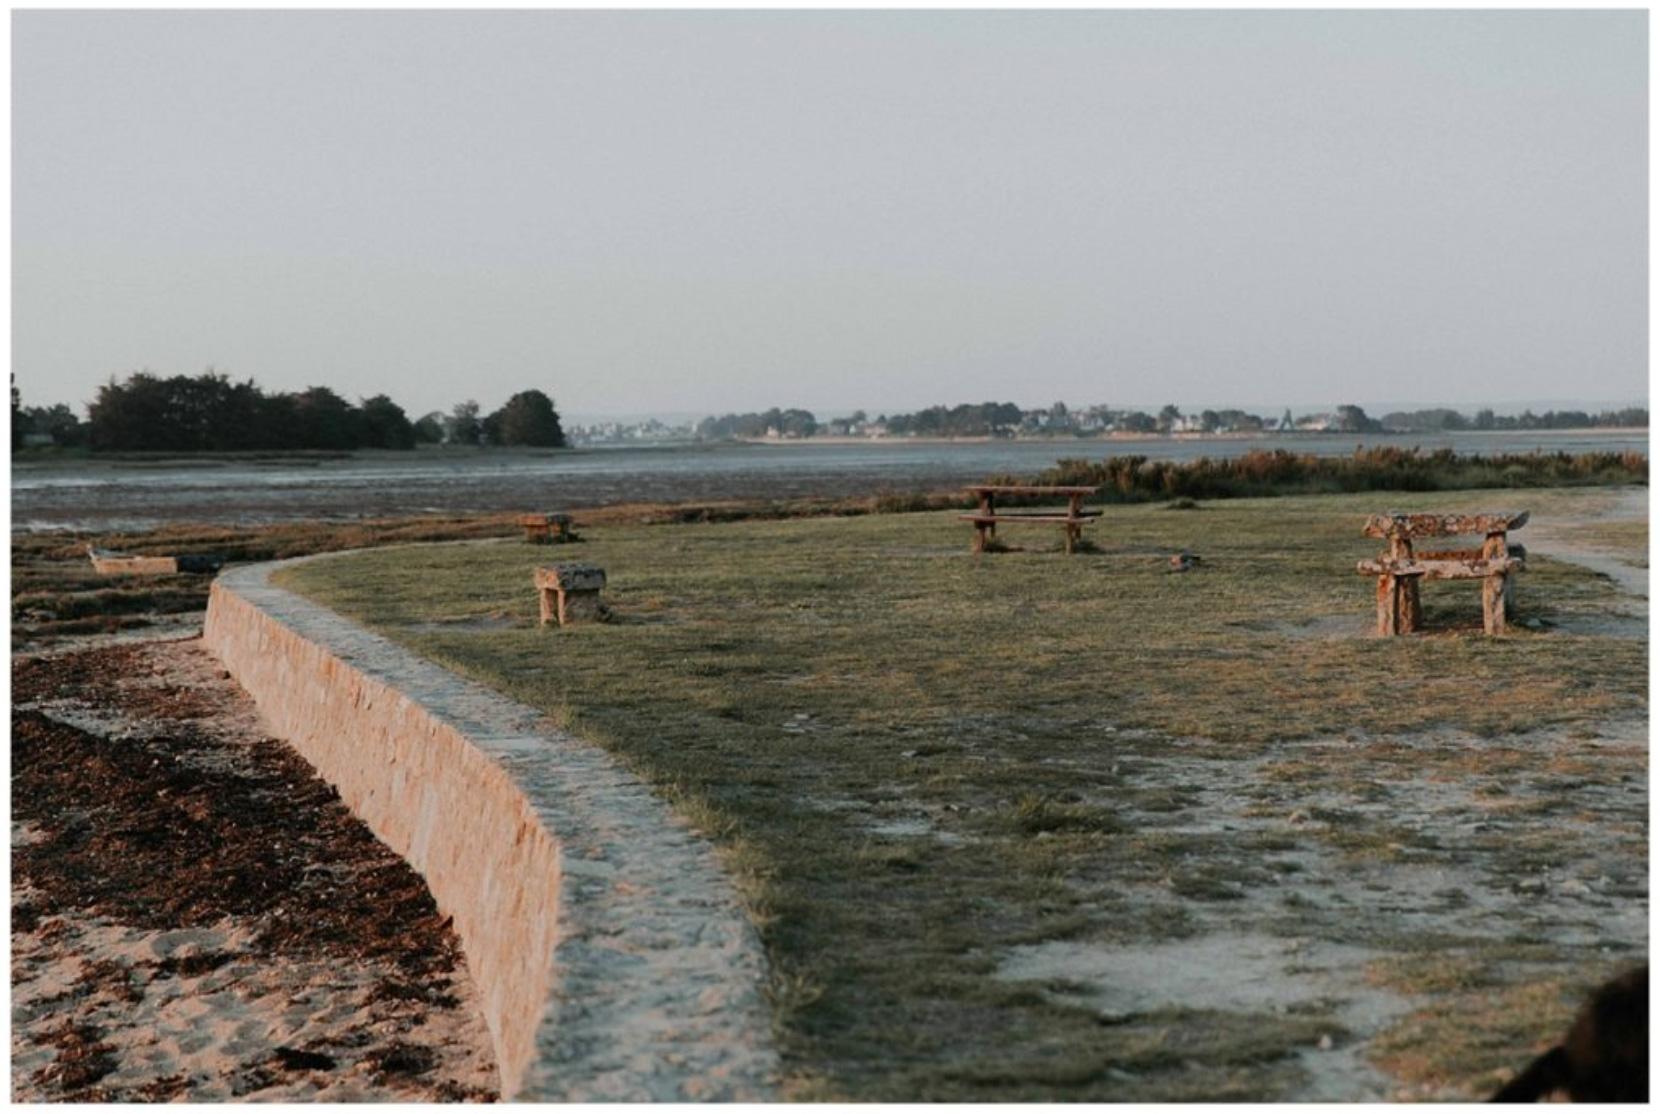 Bruit Griffe Chien Parquet où partir en bretagne avec son chien - golf du morbihan